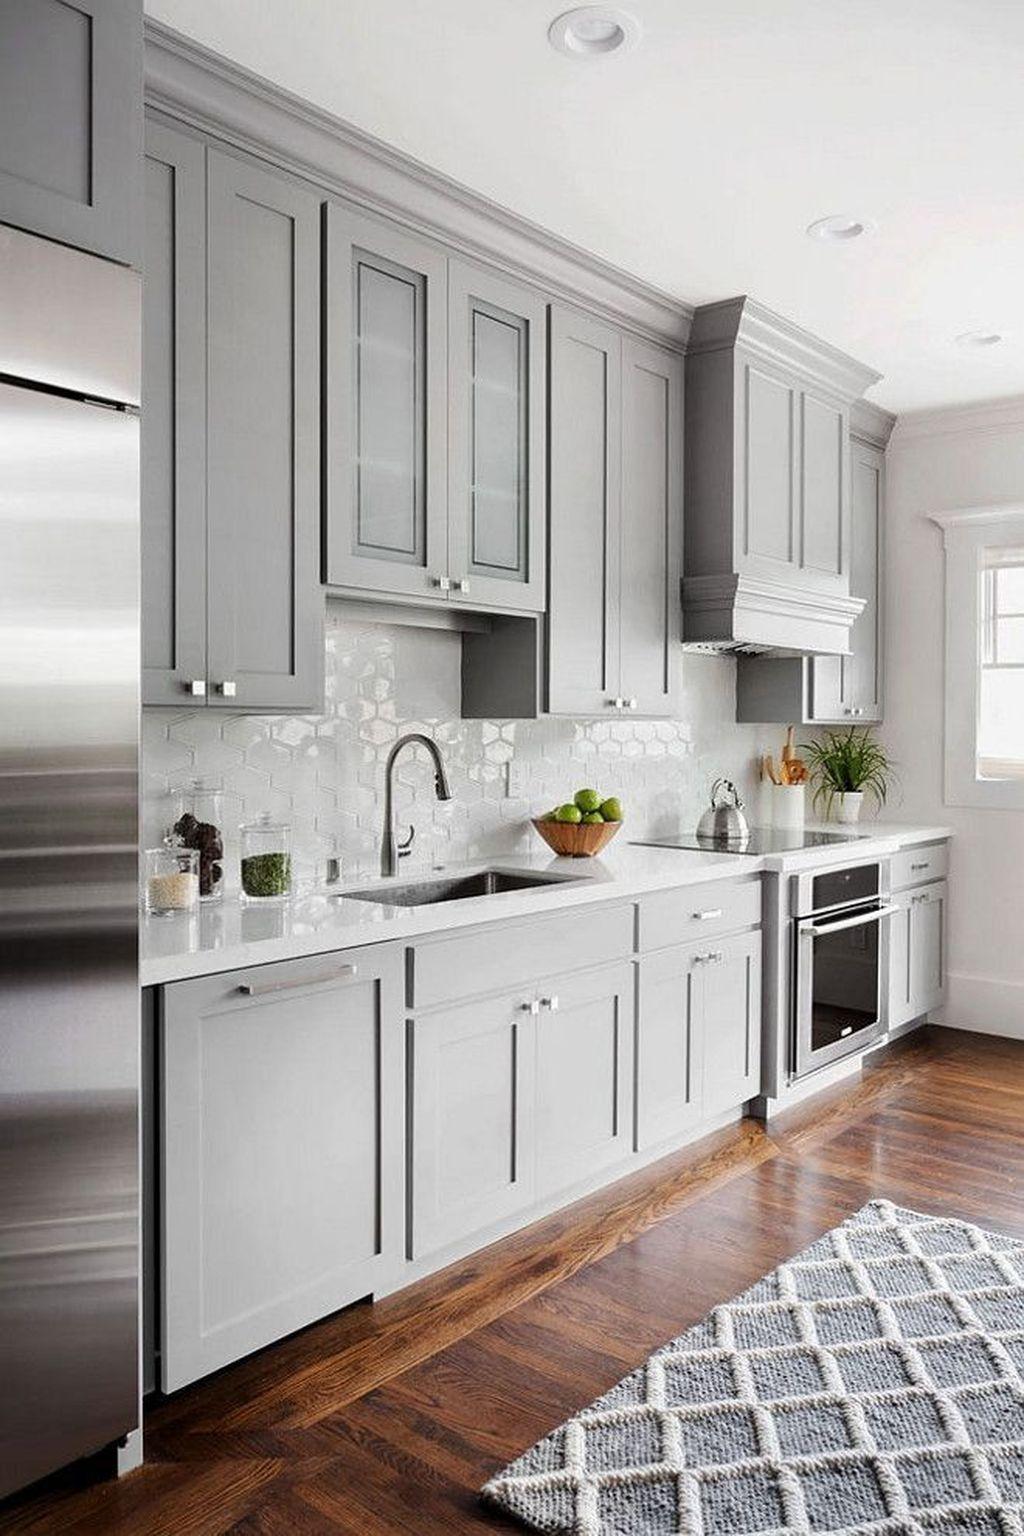 20 Stunning Small Kitchen Design Ideas For Home Coodecor Cocina Gris Y Blanca Decoracion De Cocina Moderna Decoracion De Cocina